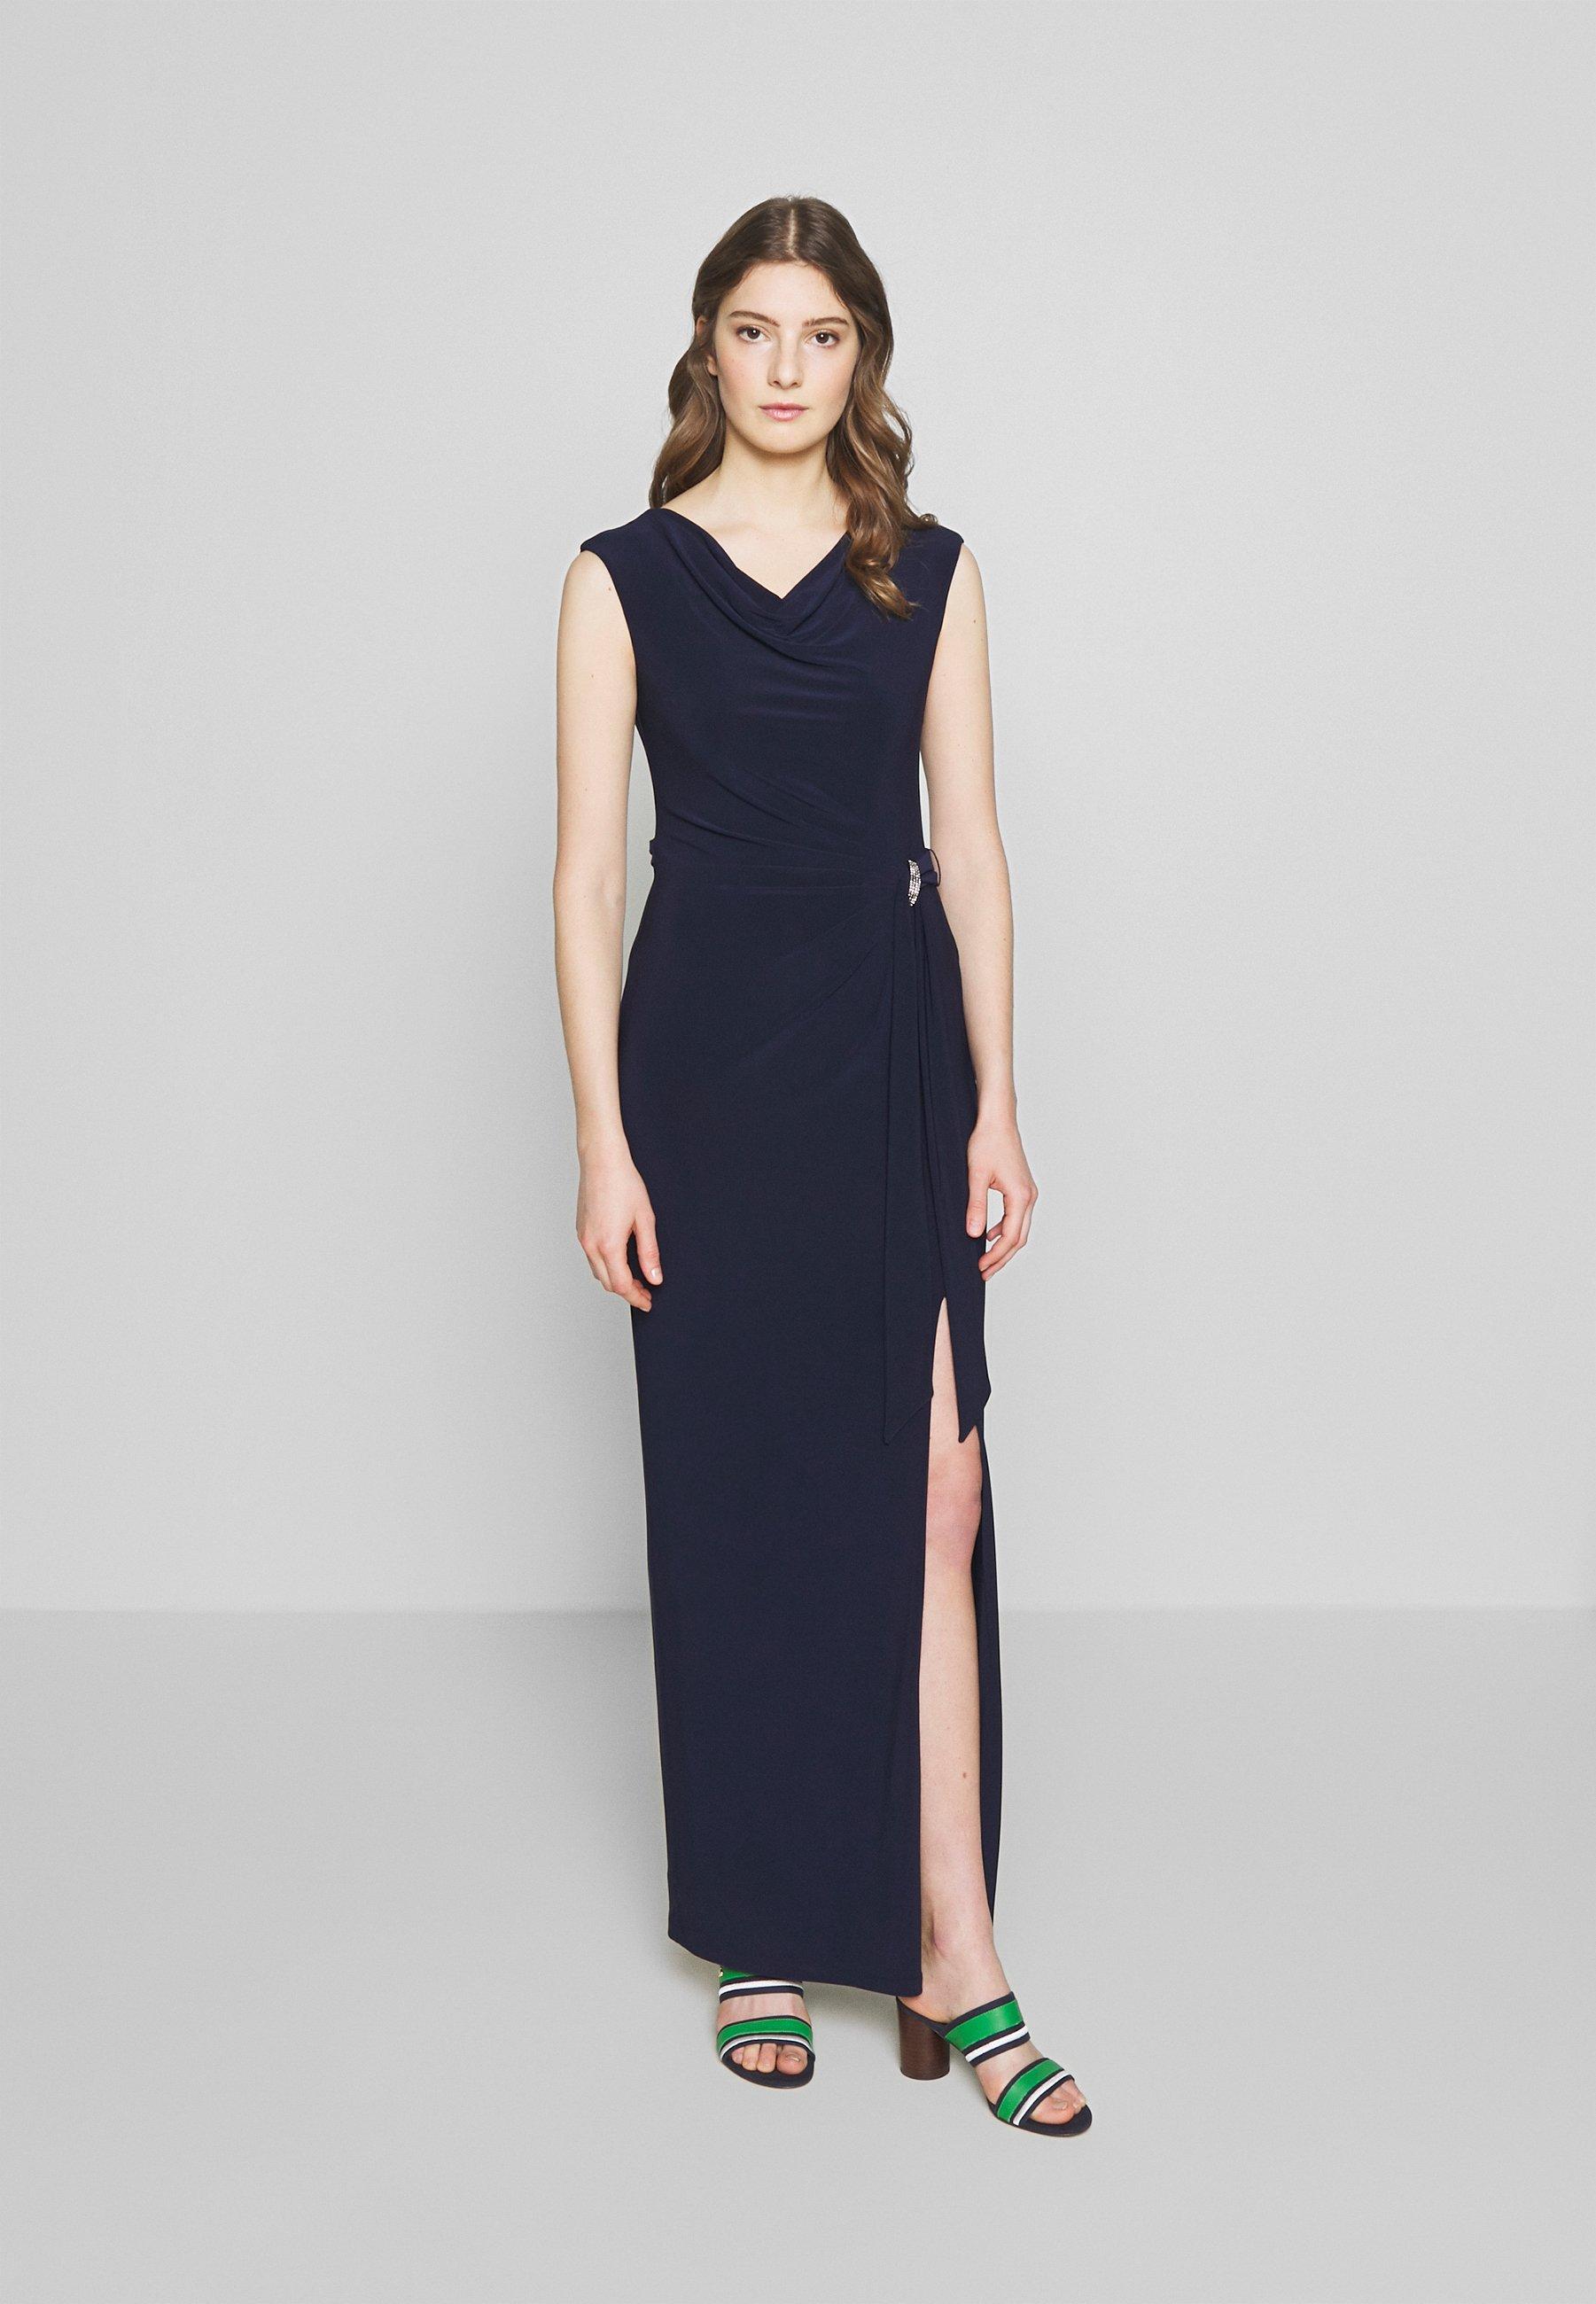 2nd Day ANGELINA BLOSSOM Maxi jurk black Zalando.nl